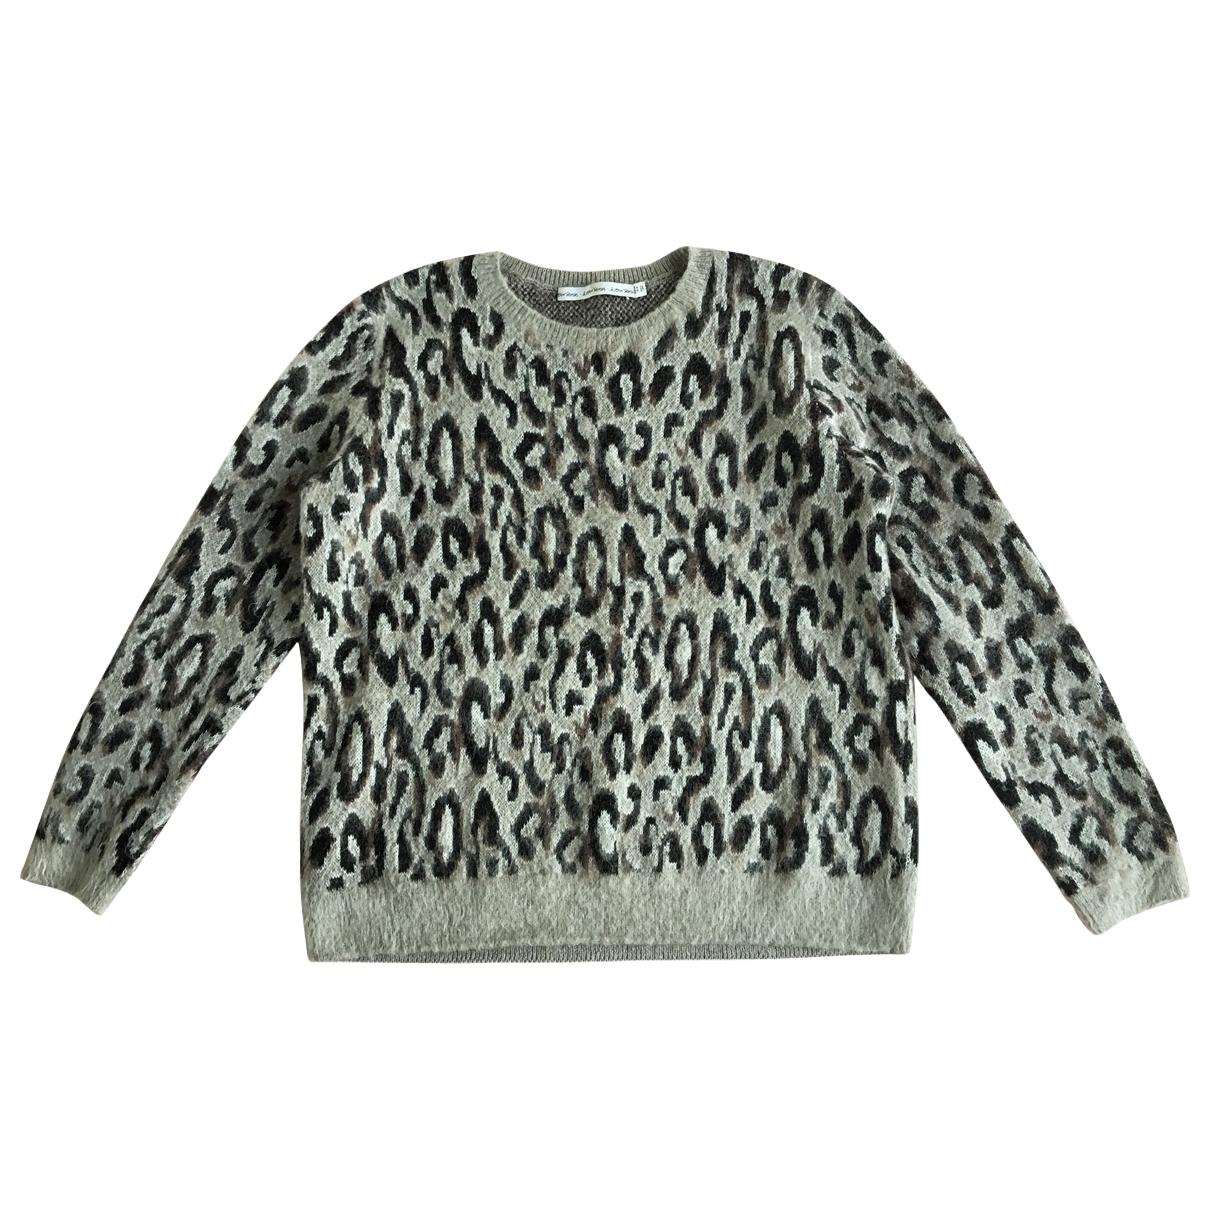 & Stories \N Multicolour Wool Knitwear for Women M International